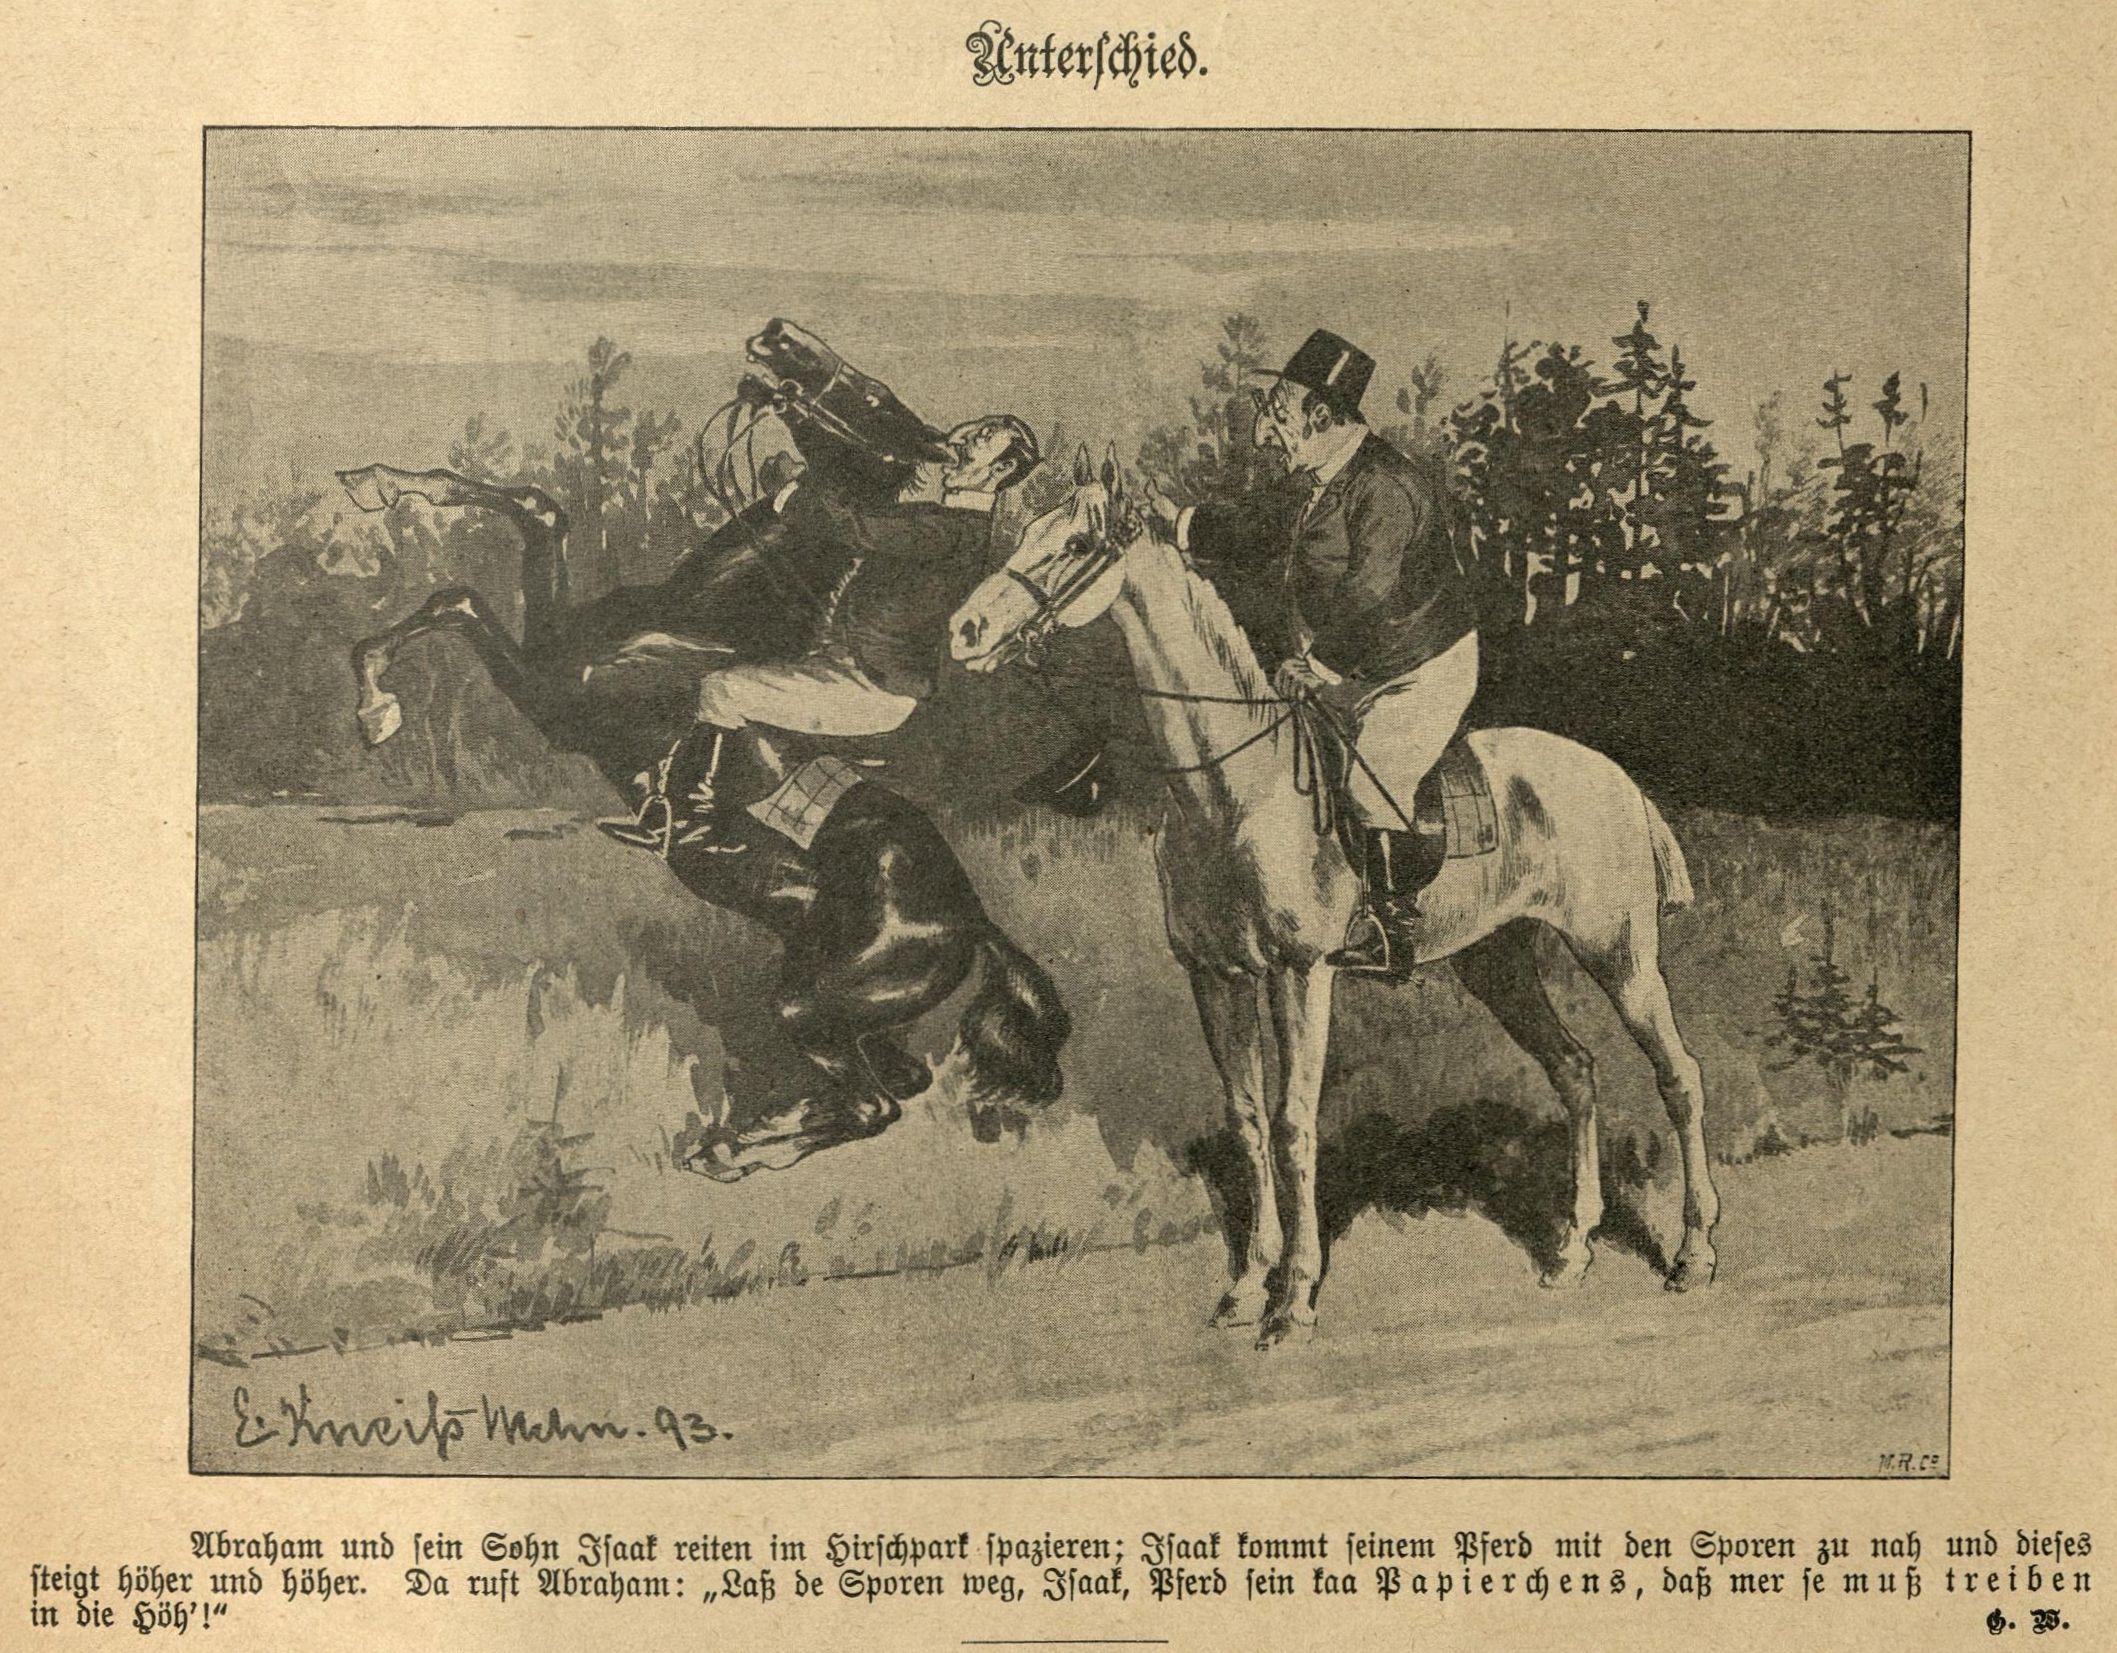 Pferd sein koa Papierchens, daß mer se muß treiben in die Höh!